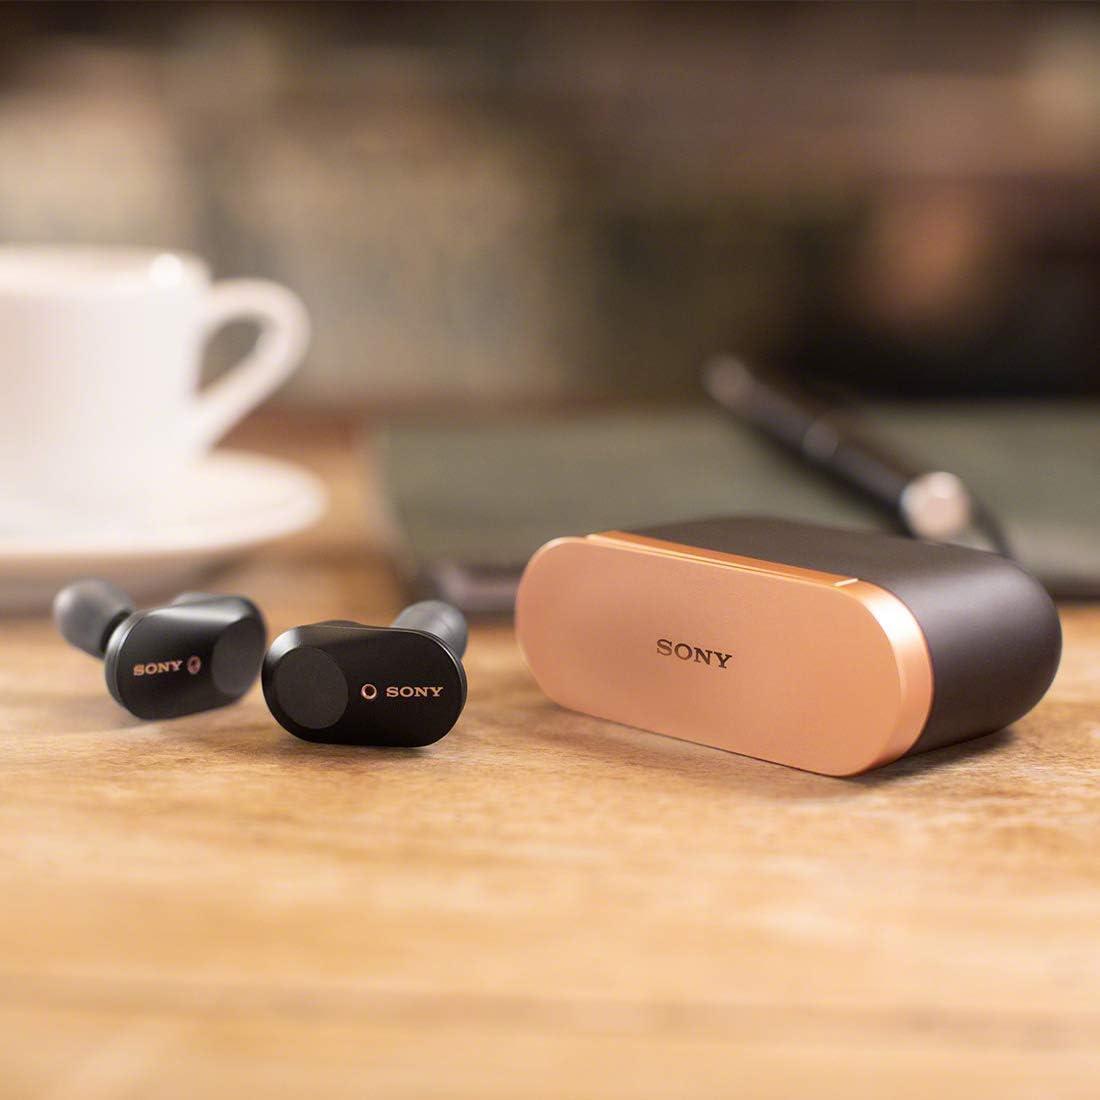 ソニー ワイヤレスノイズキャンセリングイヤホン WF-1000XM3 : 完全ワイヤレス/ Amazon Alexa搭載 /Bluetooth/ハイレゾ相当 最大6時間連続再生 2019年モデル / マイク付き /ブラック WF-1000XM3 B